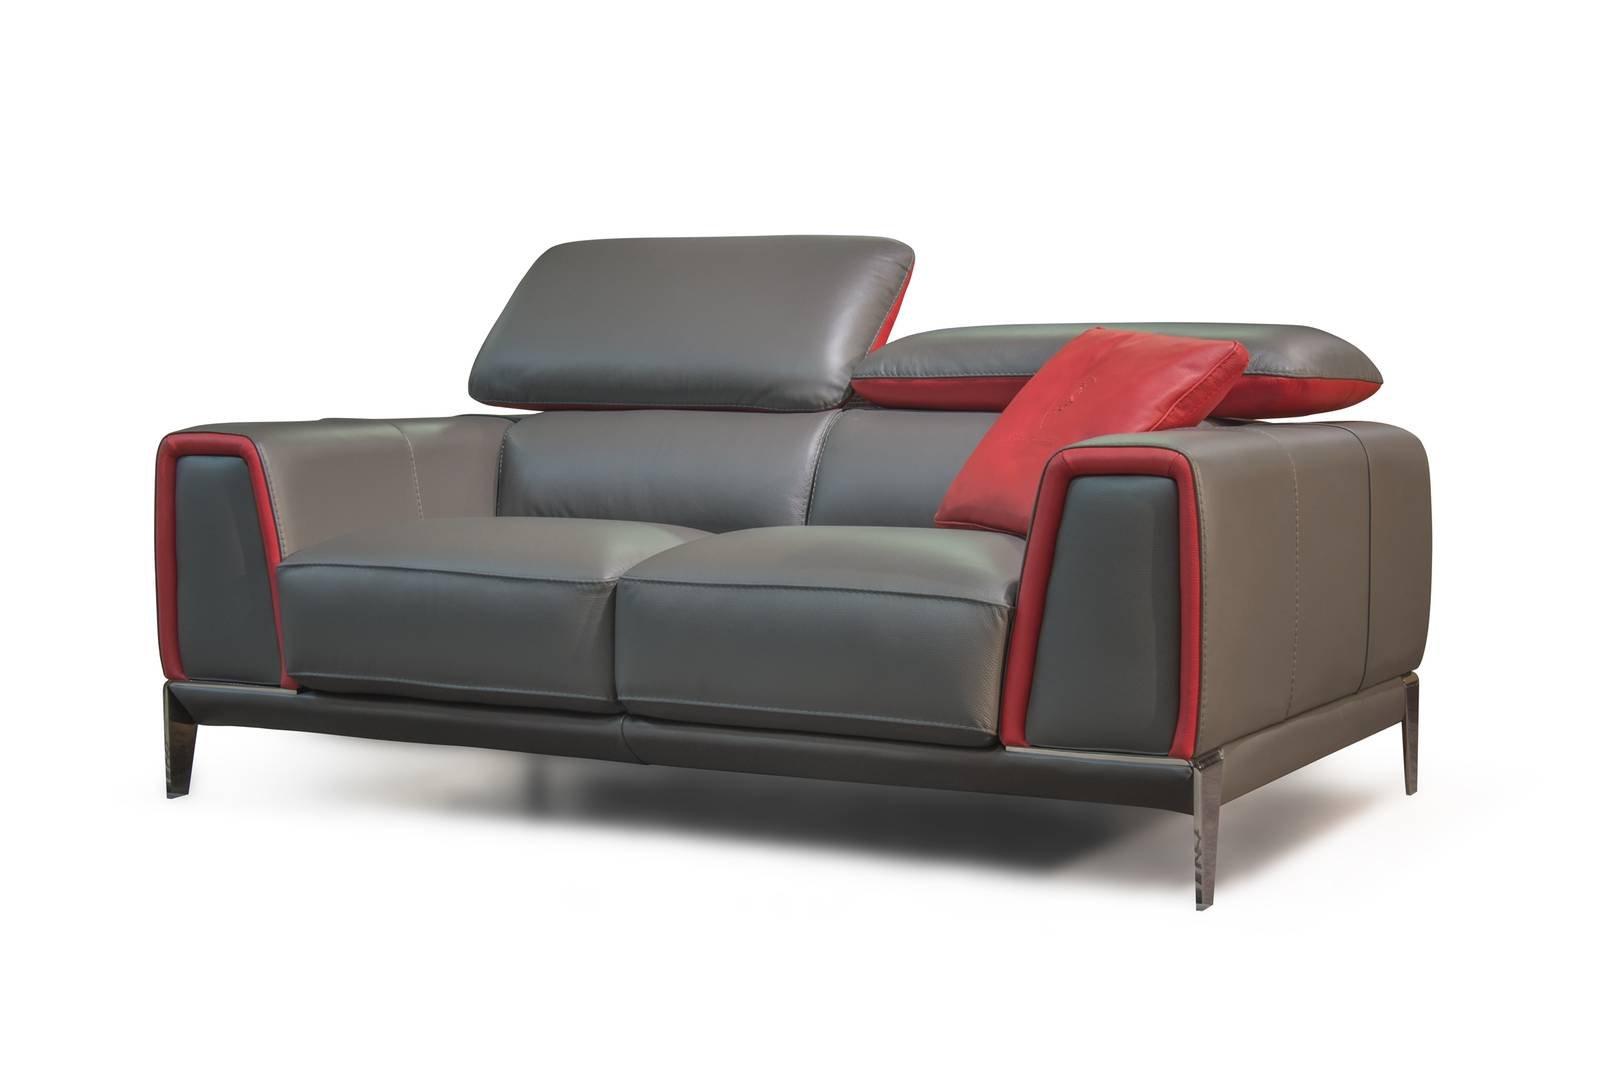 Salone del mobile 2017 divani e divanetti cose di casa - Divano con mobile incorporato ...